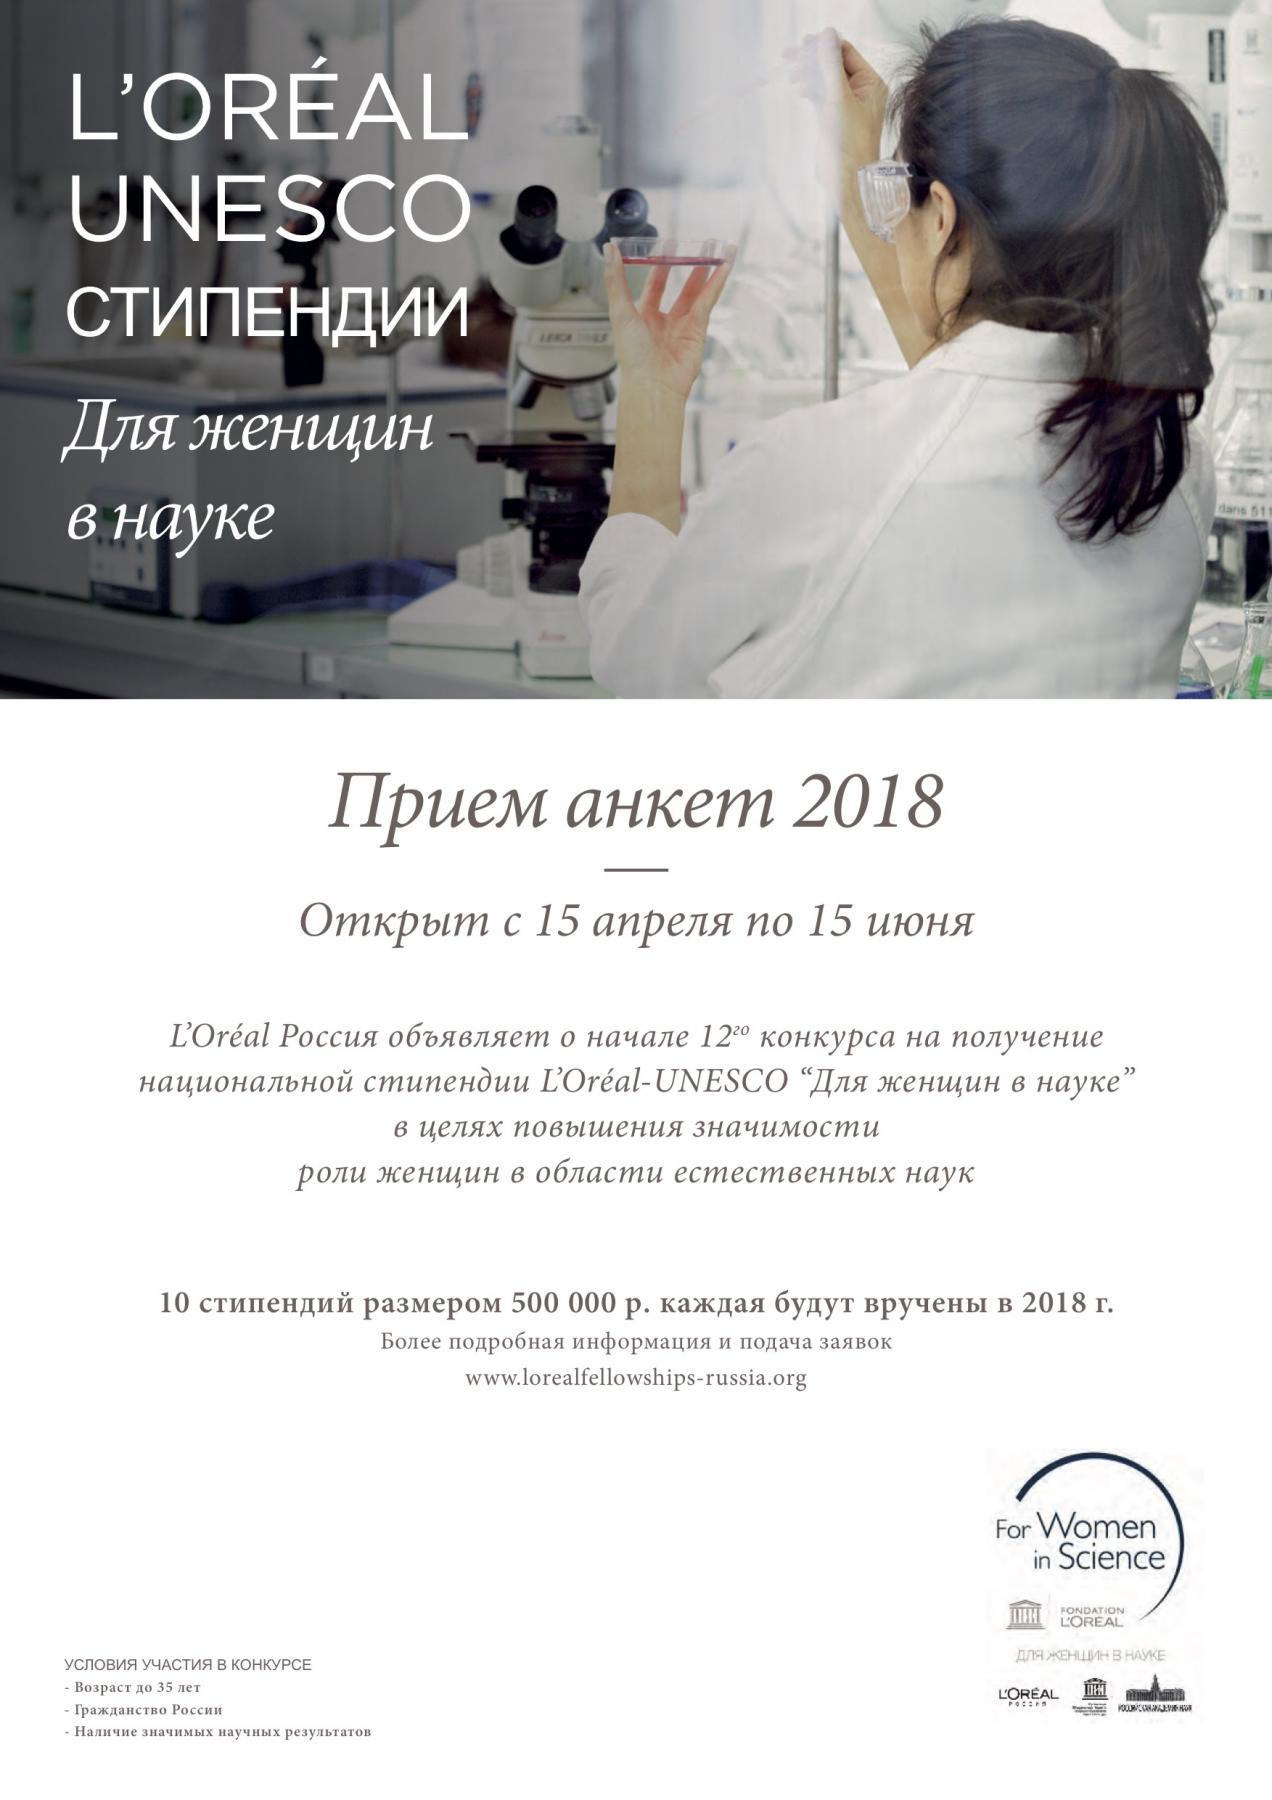 Конкурс Национальных стипендий 2018 года по программе «Для женщин в науке»